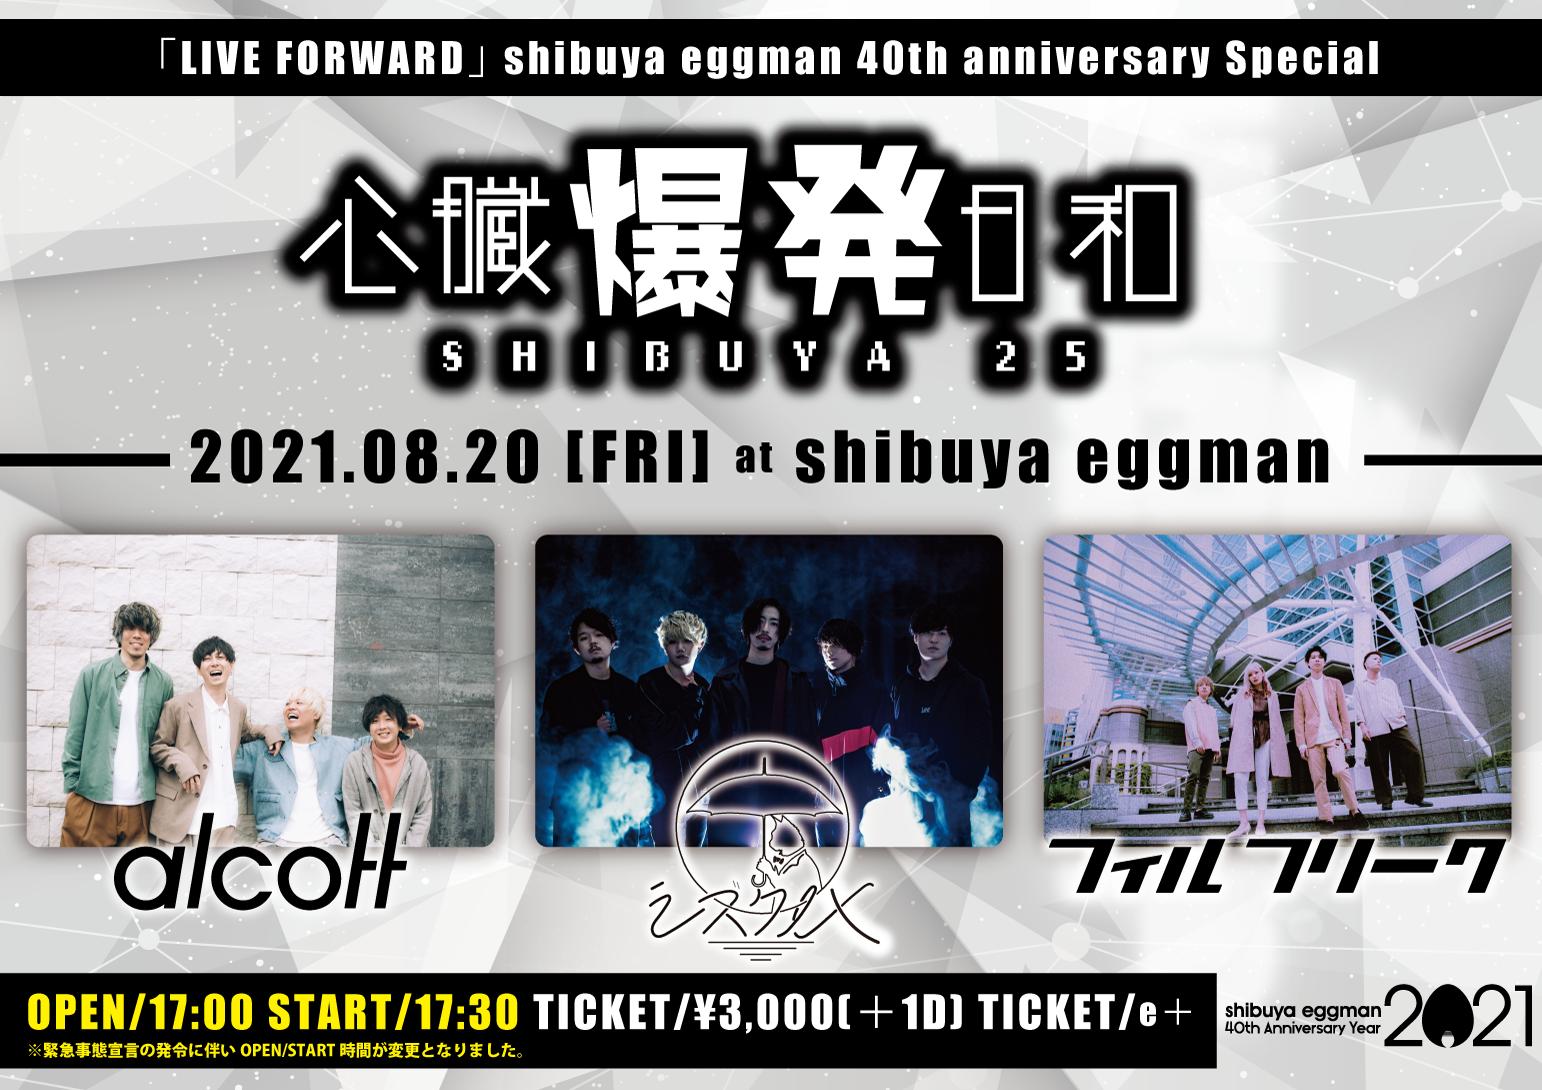 心臓爆発日和-SHIBUYA25- 〜「LIVE FORWARD」 shibuya eggman 40th anniversary Special〜